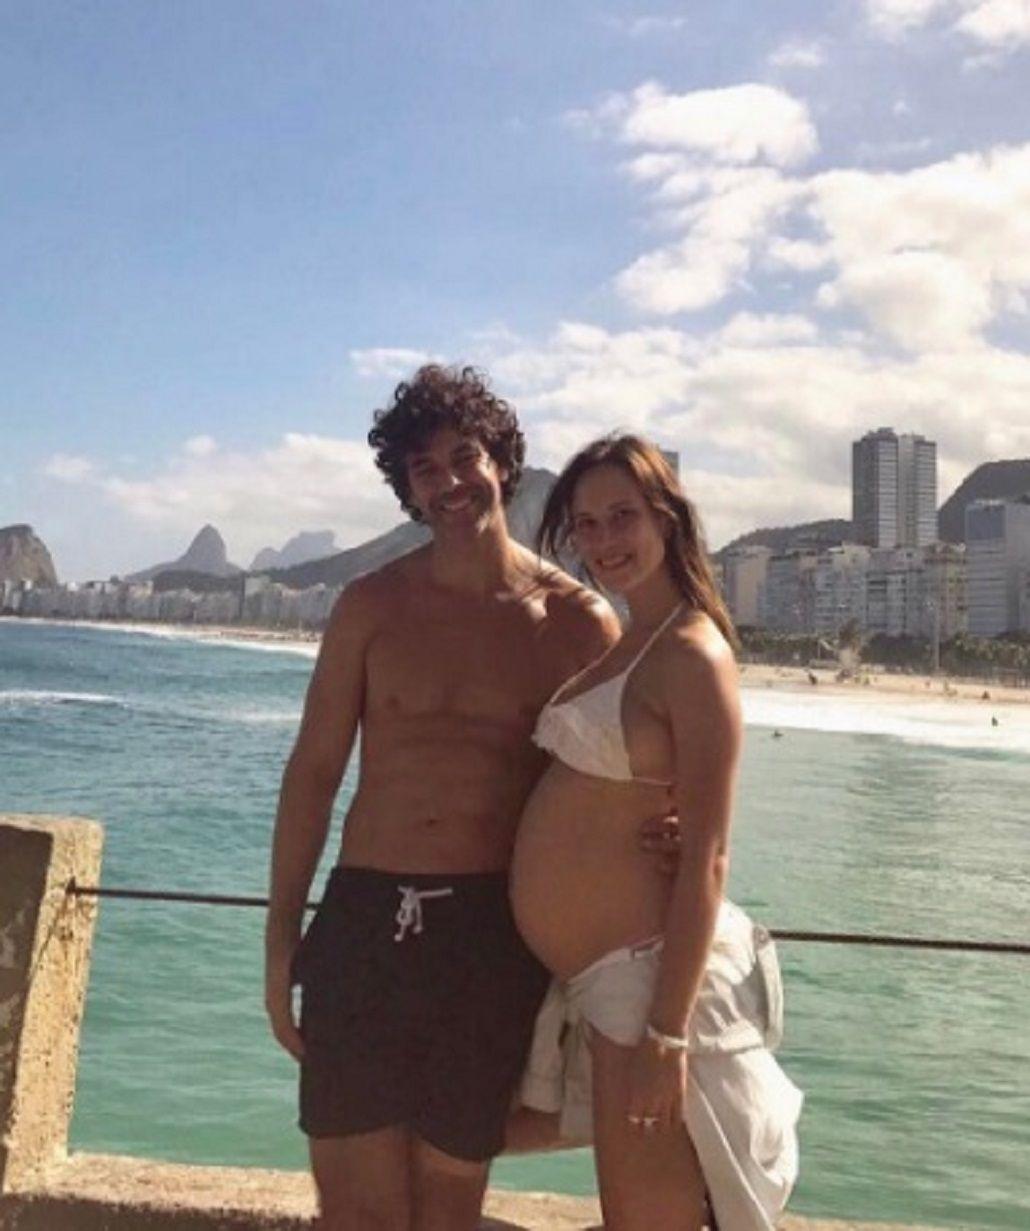 La novia de Mariano Martínez mostró su panza de casi siete meses